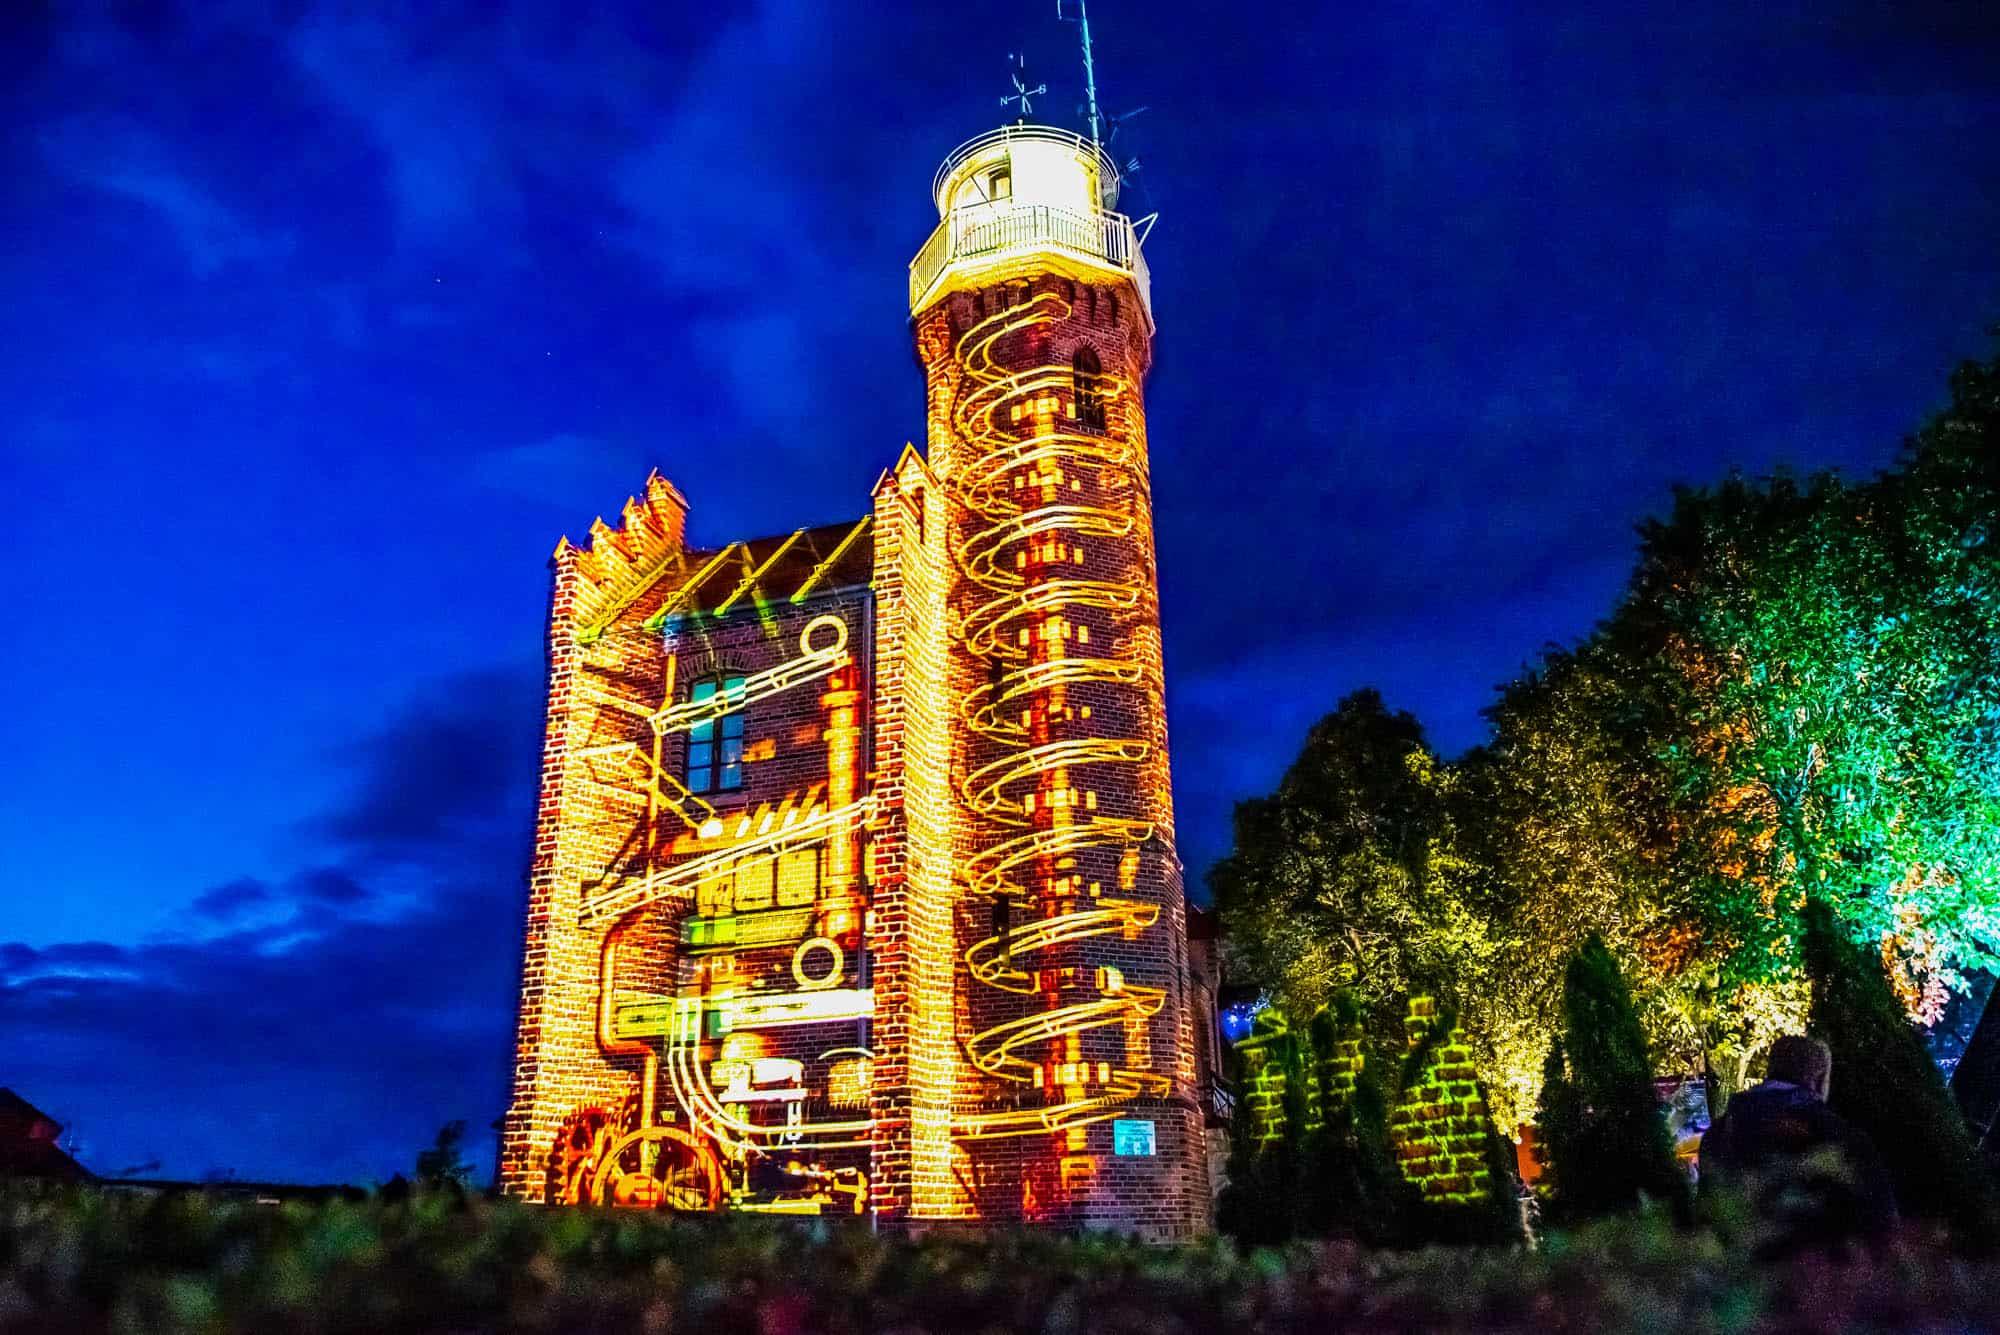 Grand Lubicz Festiwal Światła